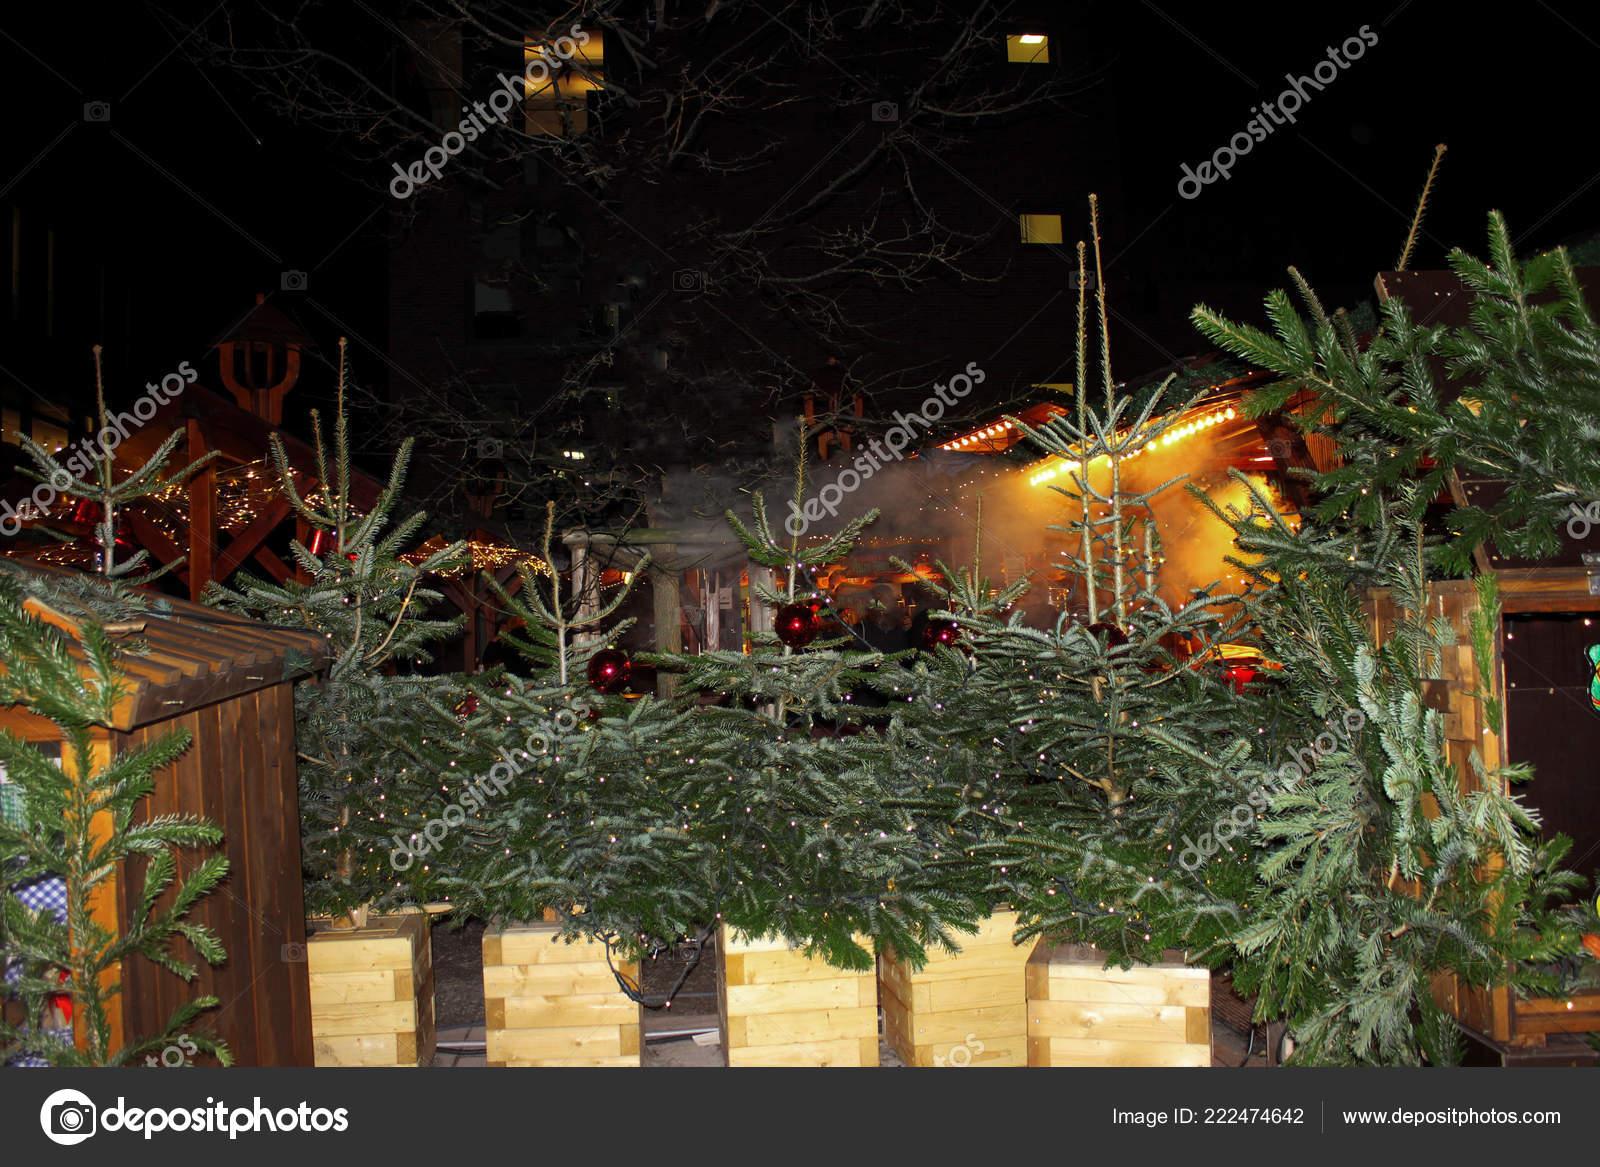 Deutschland Weihnachtsmarkt.Weihnachtsmarkt Deutschland Verkauf Der Weihnachtsbaum Abend Straße